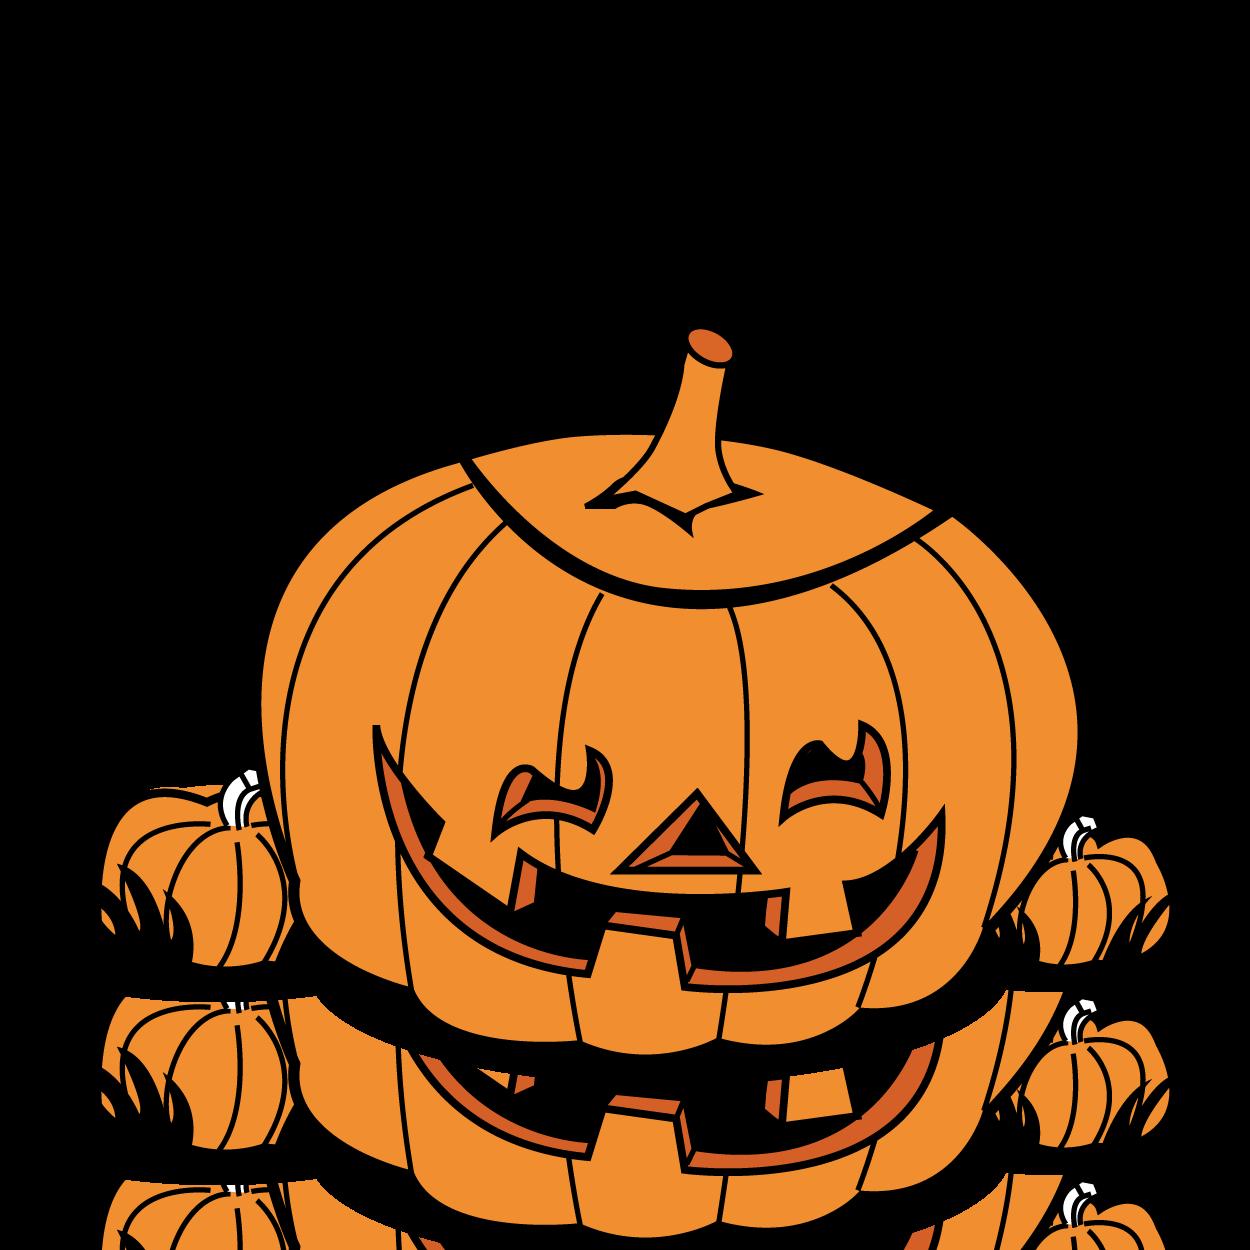 1250x1250 Halloween pumpkin patch clip art free clipart images